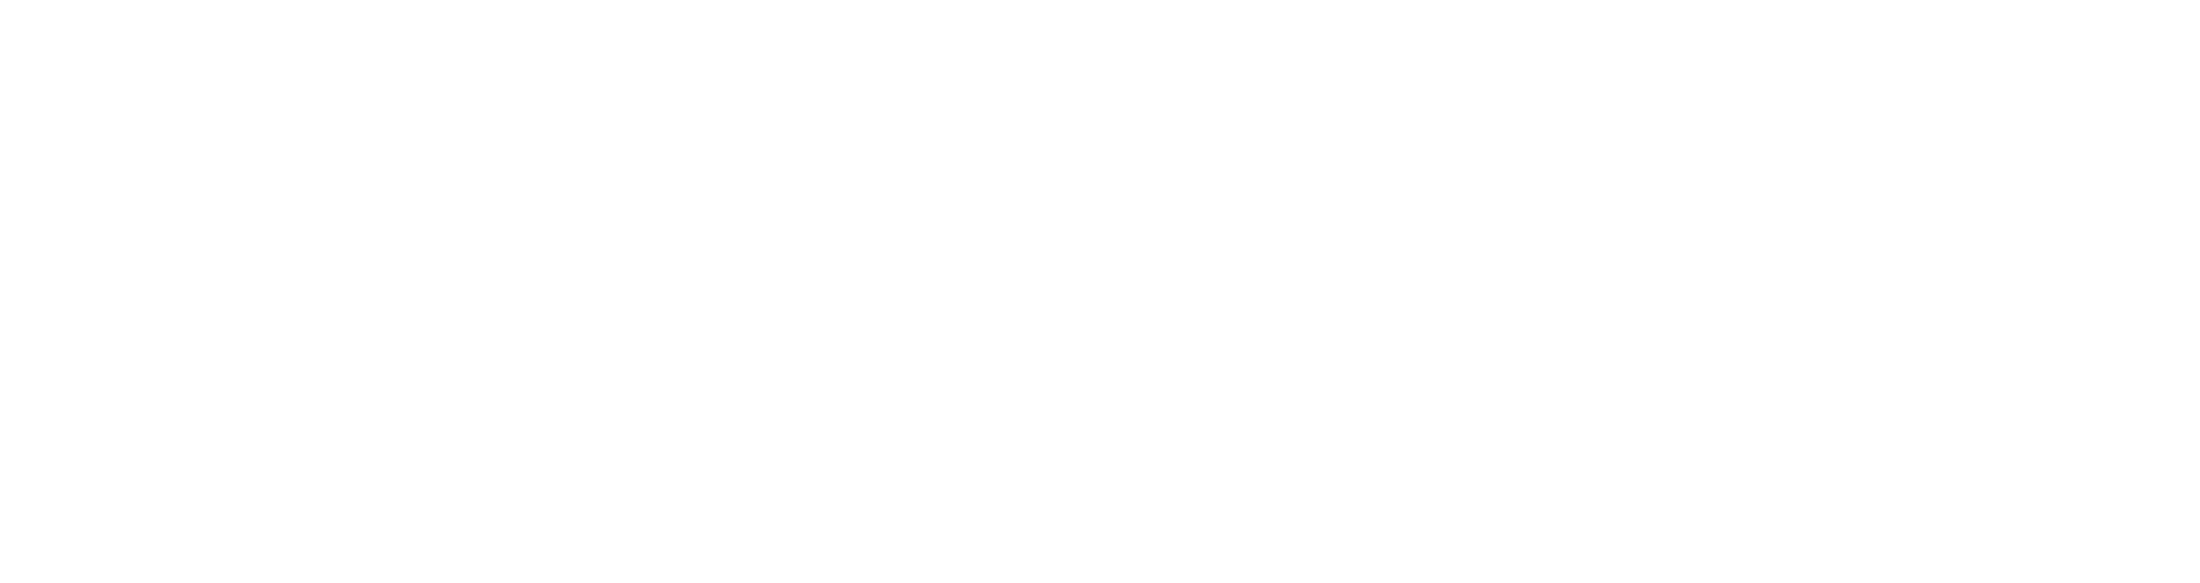 Executive Connection